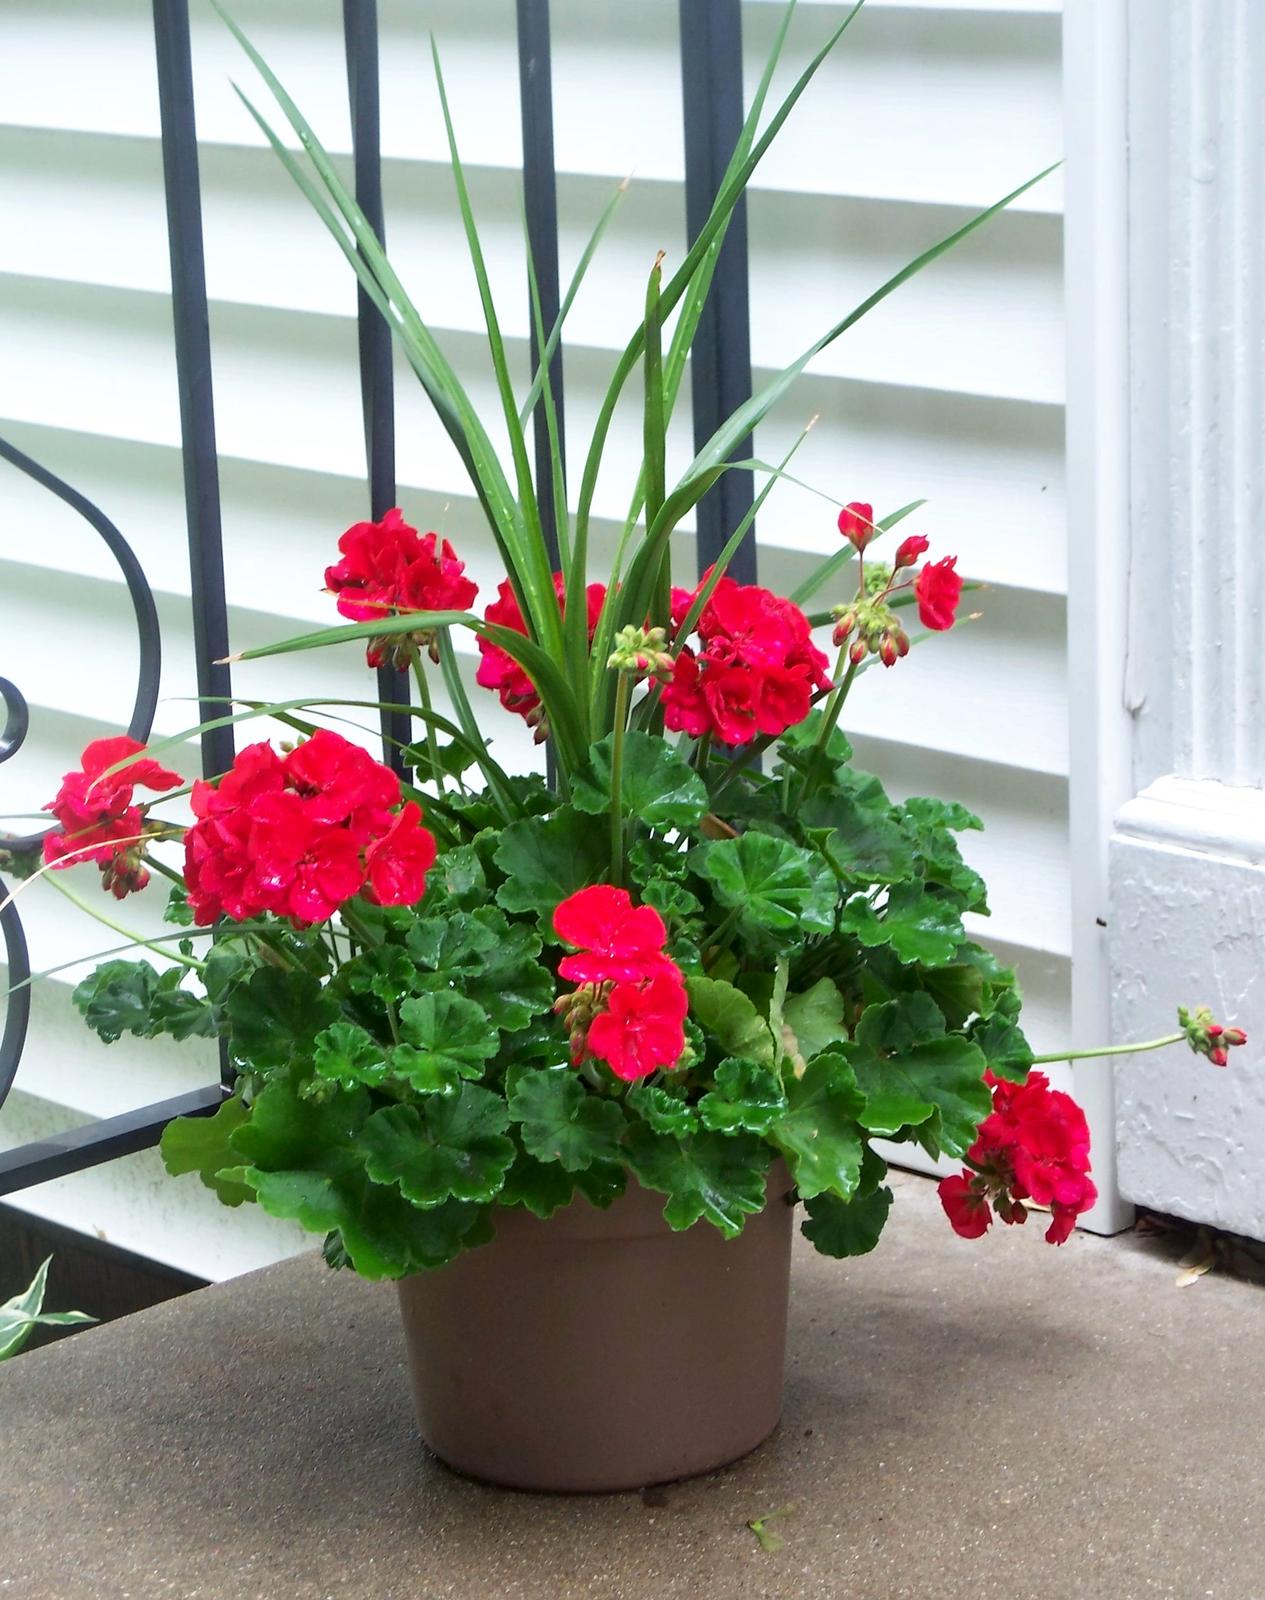 Fotografia prezentuje pelargonię zczerwonymi kwiatami rosnącą wdoniczce na parapecie.